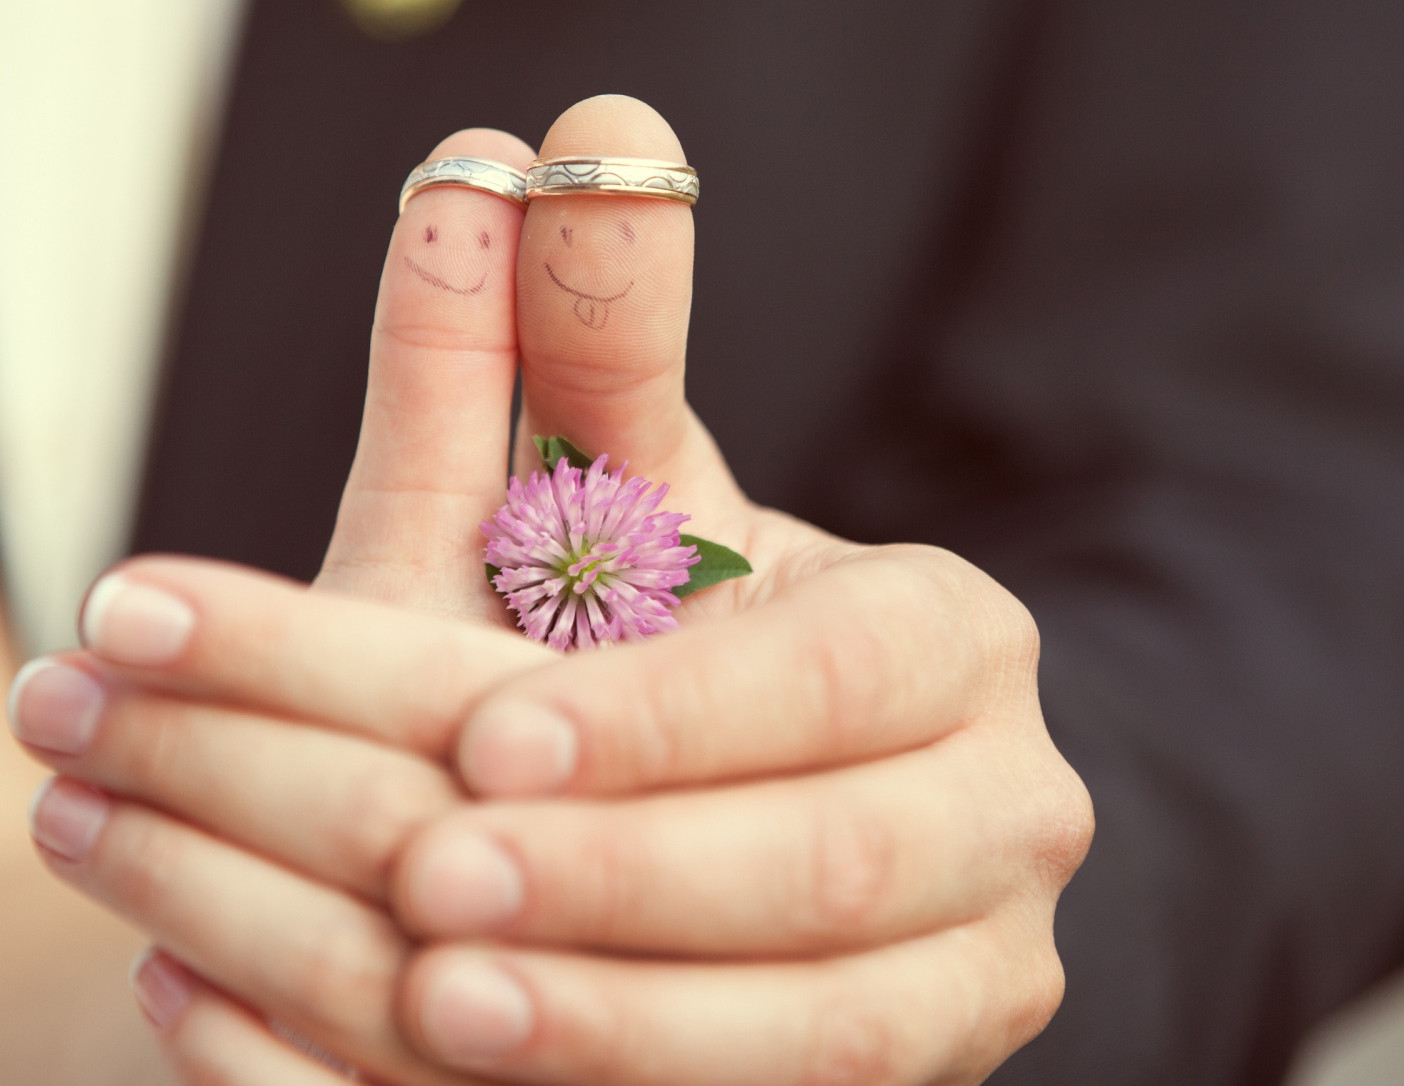 Картинки про, смешные картинки ко дню свадьбы